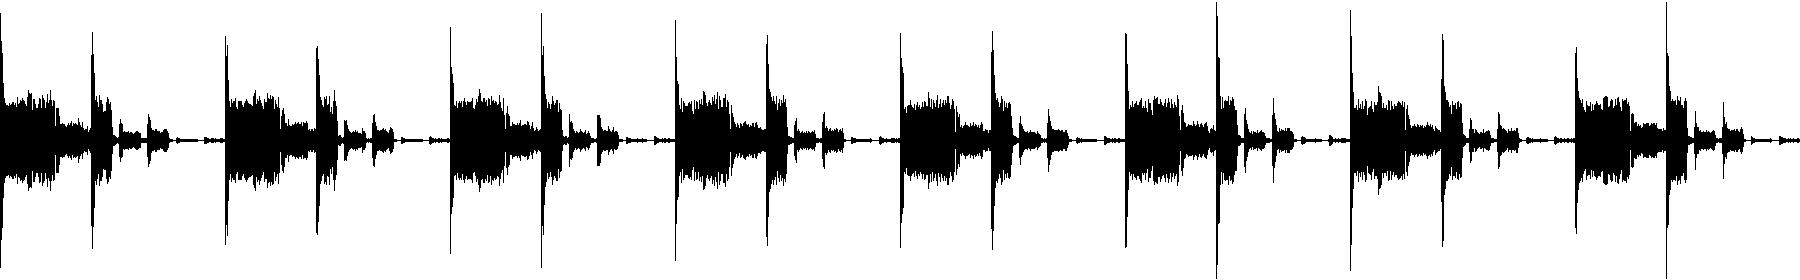 roterdamn synthloop 120